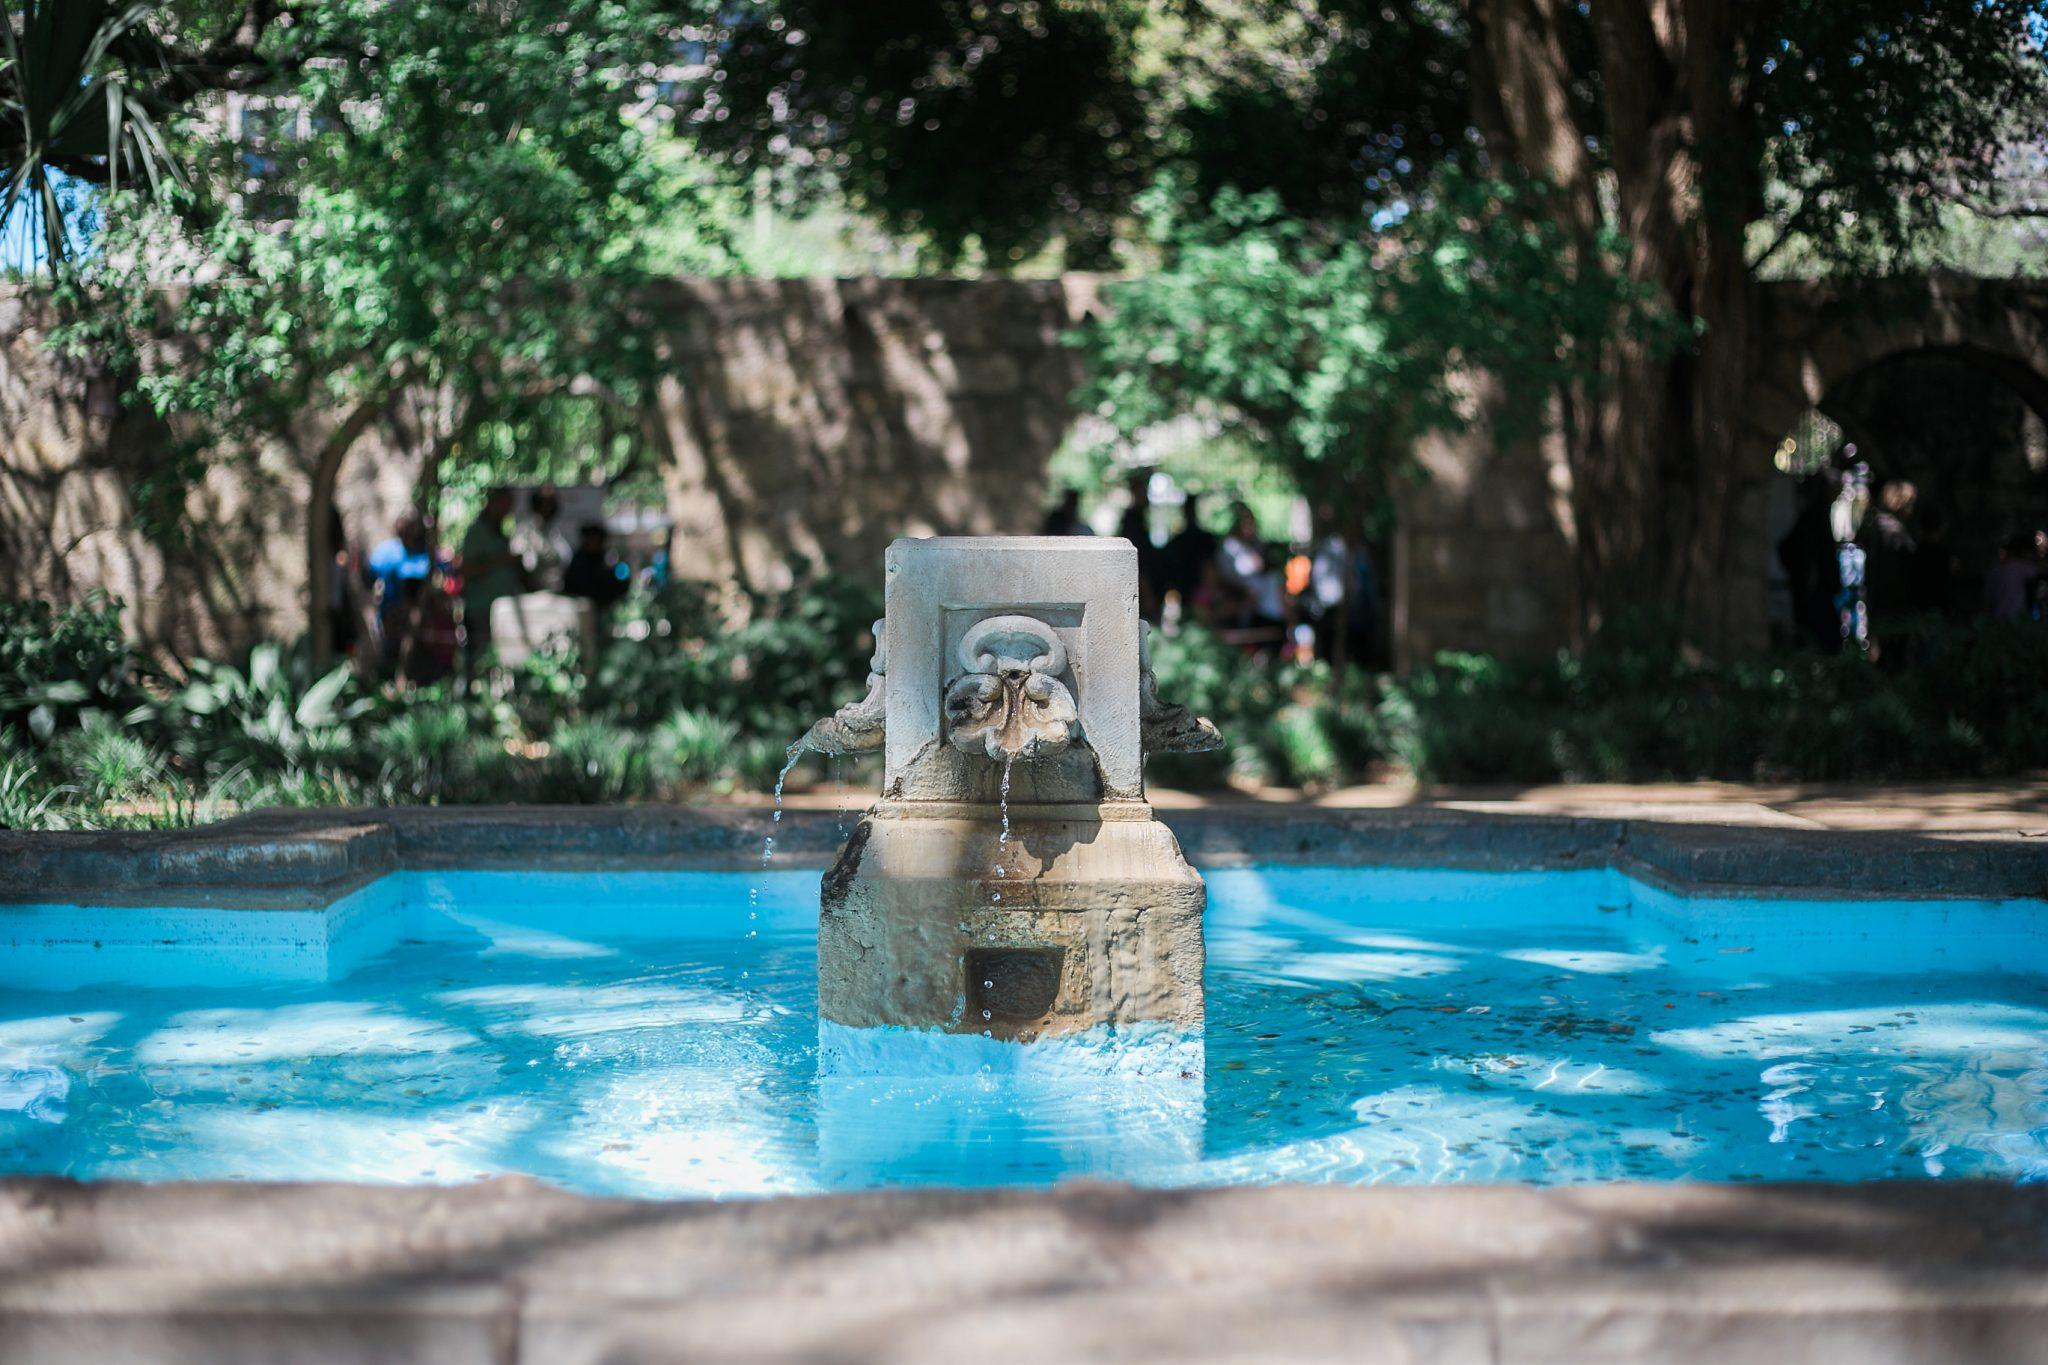 Alamo gardens in San Antonio